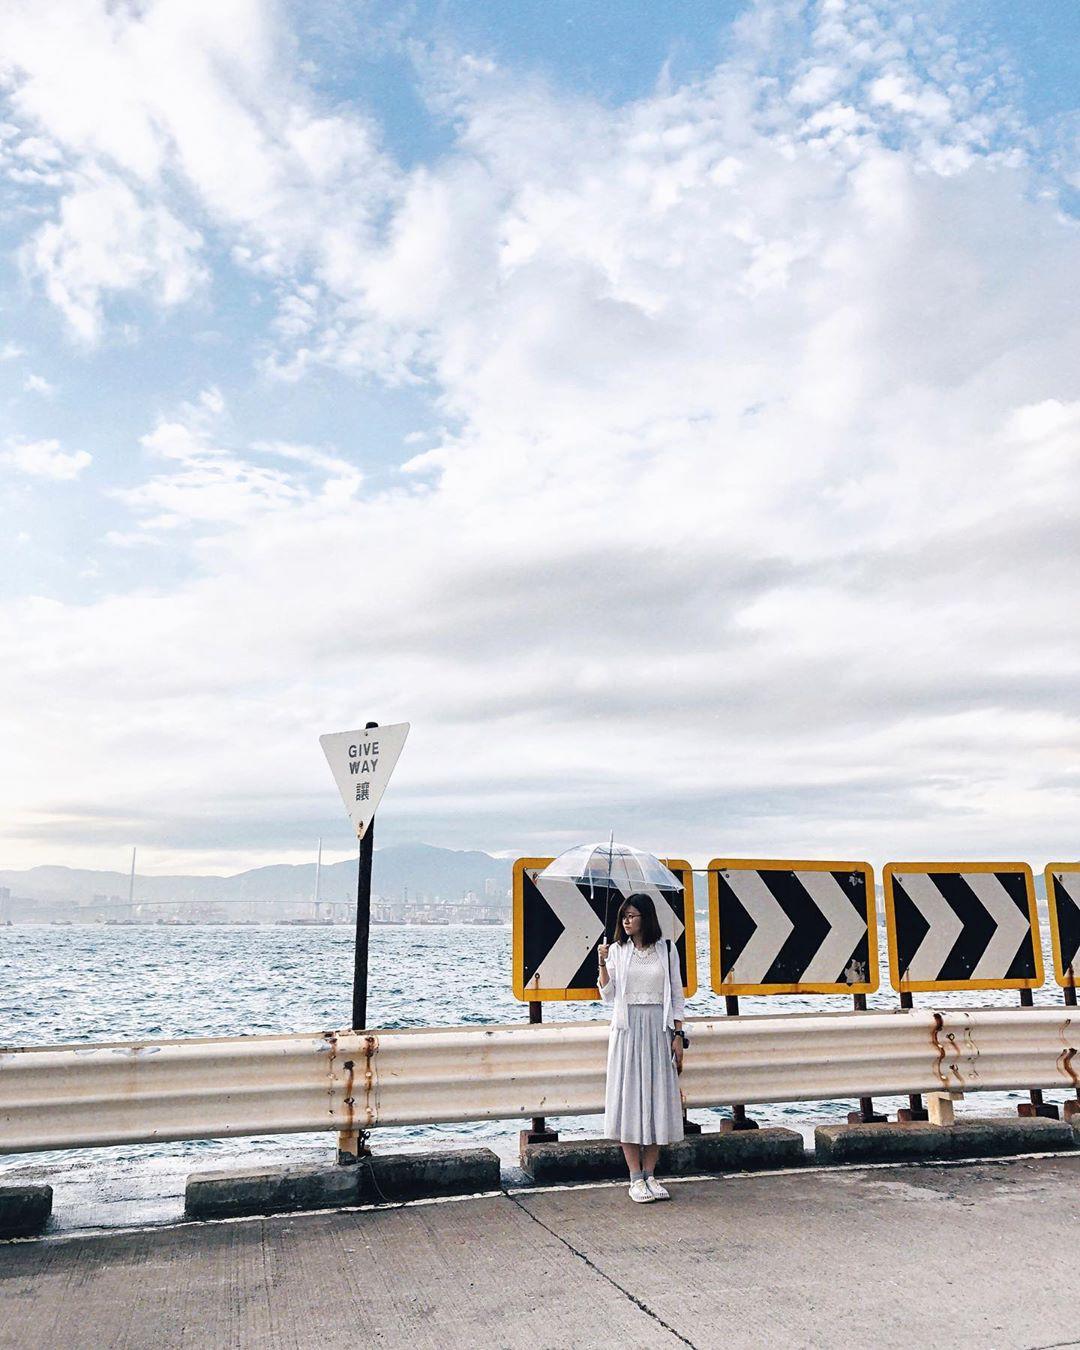 Bỏ túi ngay 8 điểm 'sống ảo' nổi tiếng ở Hong Kong, vị trí thứ 2 hot đến nỗi còn lọt vào top được check-in nhiều nhất trên Instagram! - Ảnh 21.